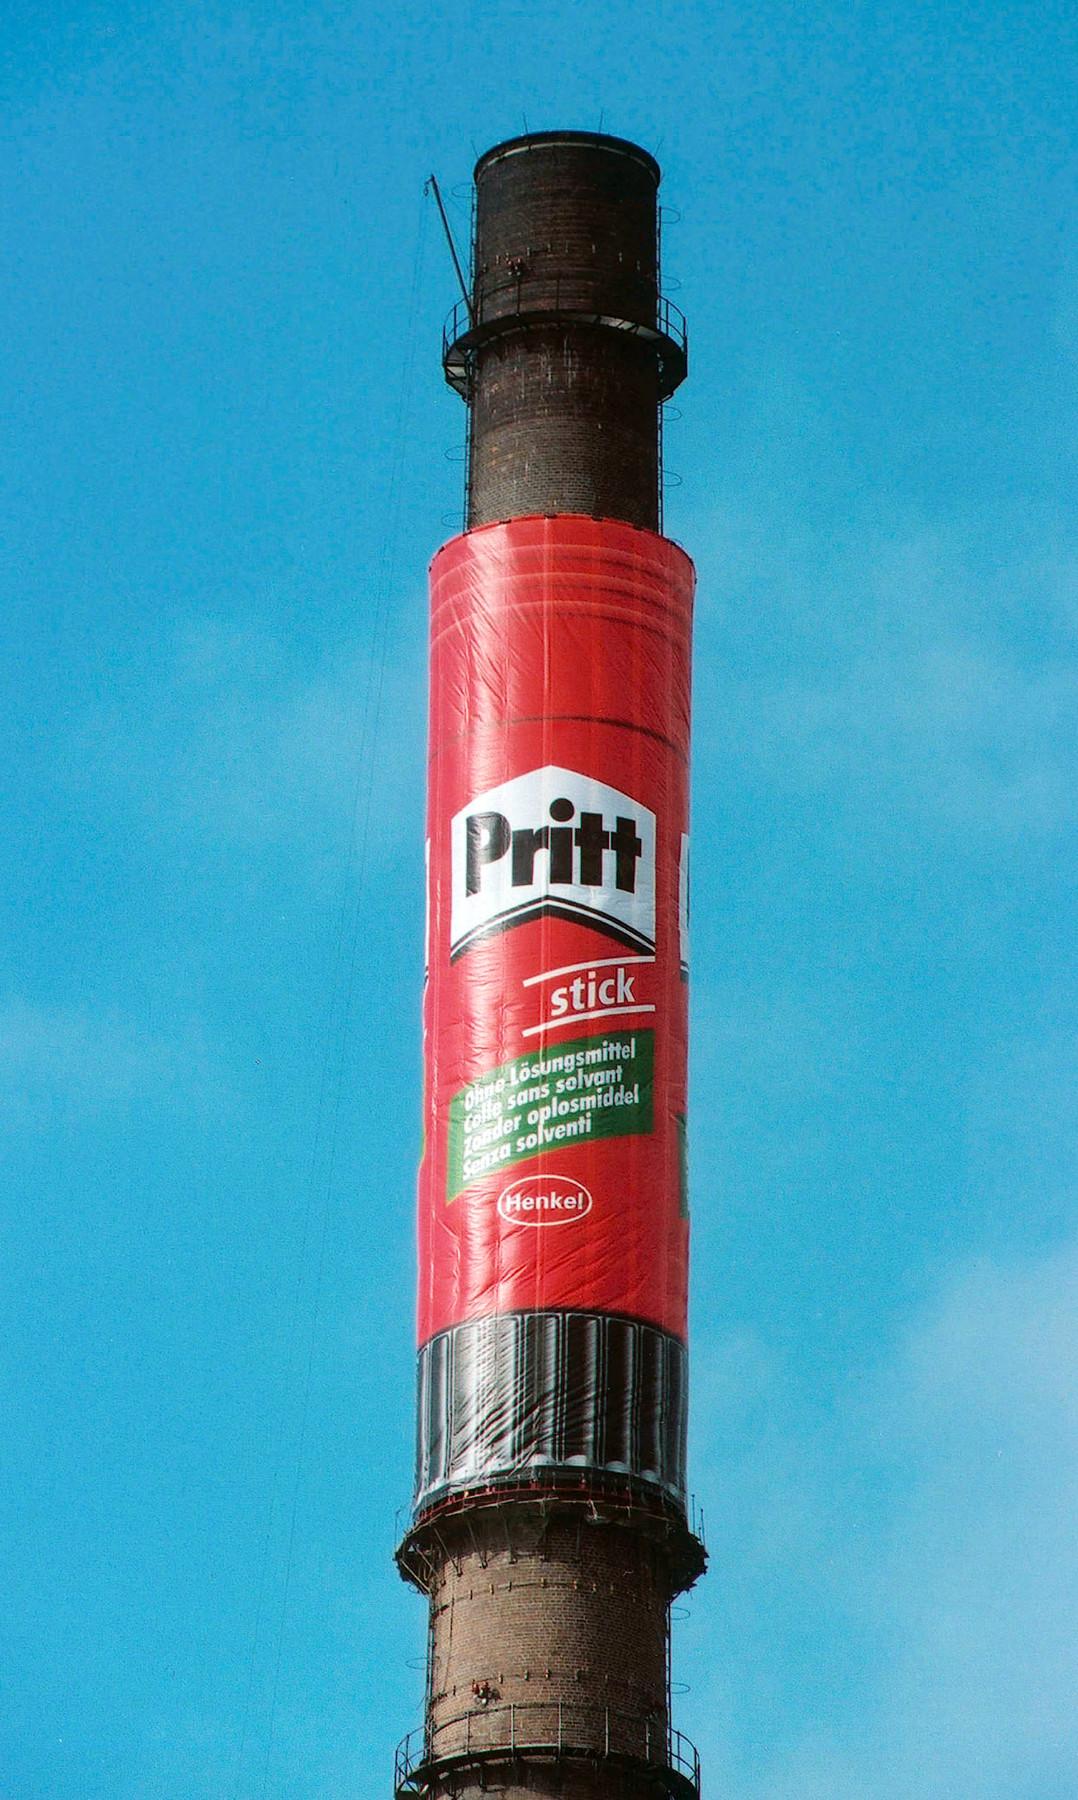 Mega Pritt-Stick als Schornsteinwerbung in Duesseldorf-Holthausen 1999. Abbildung: Henkel Adhesive Technologies